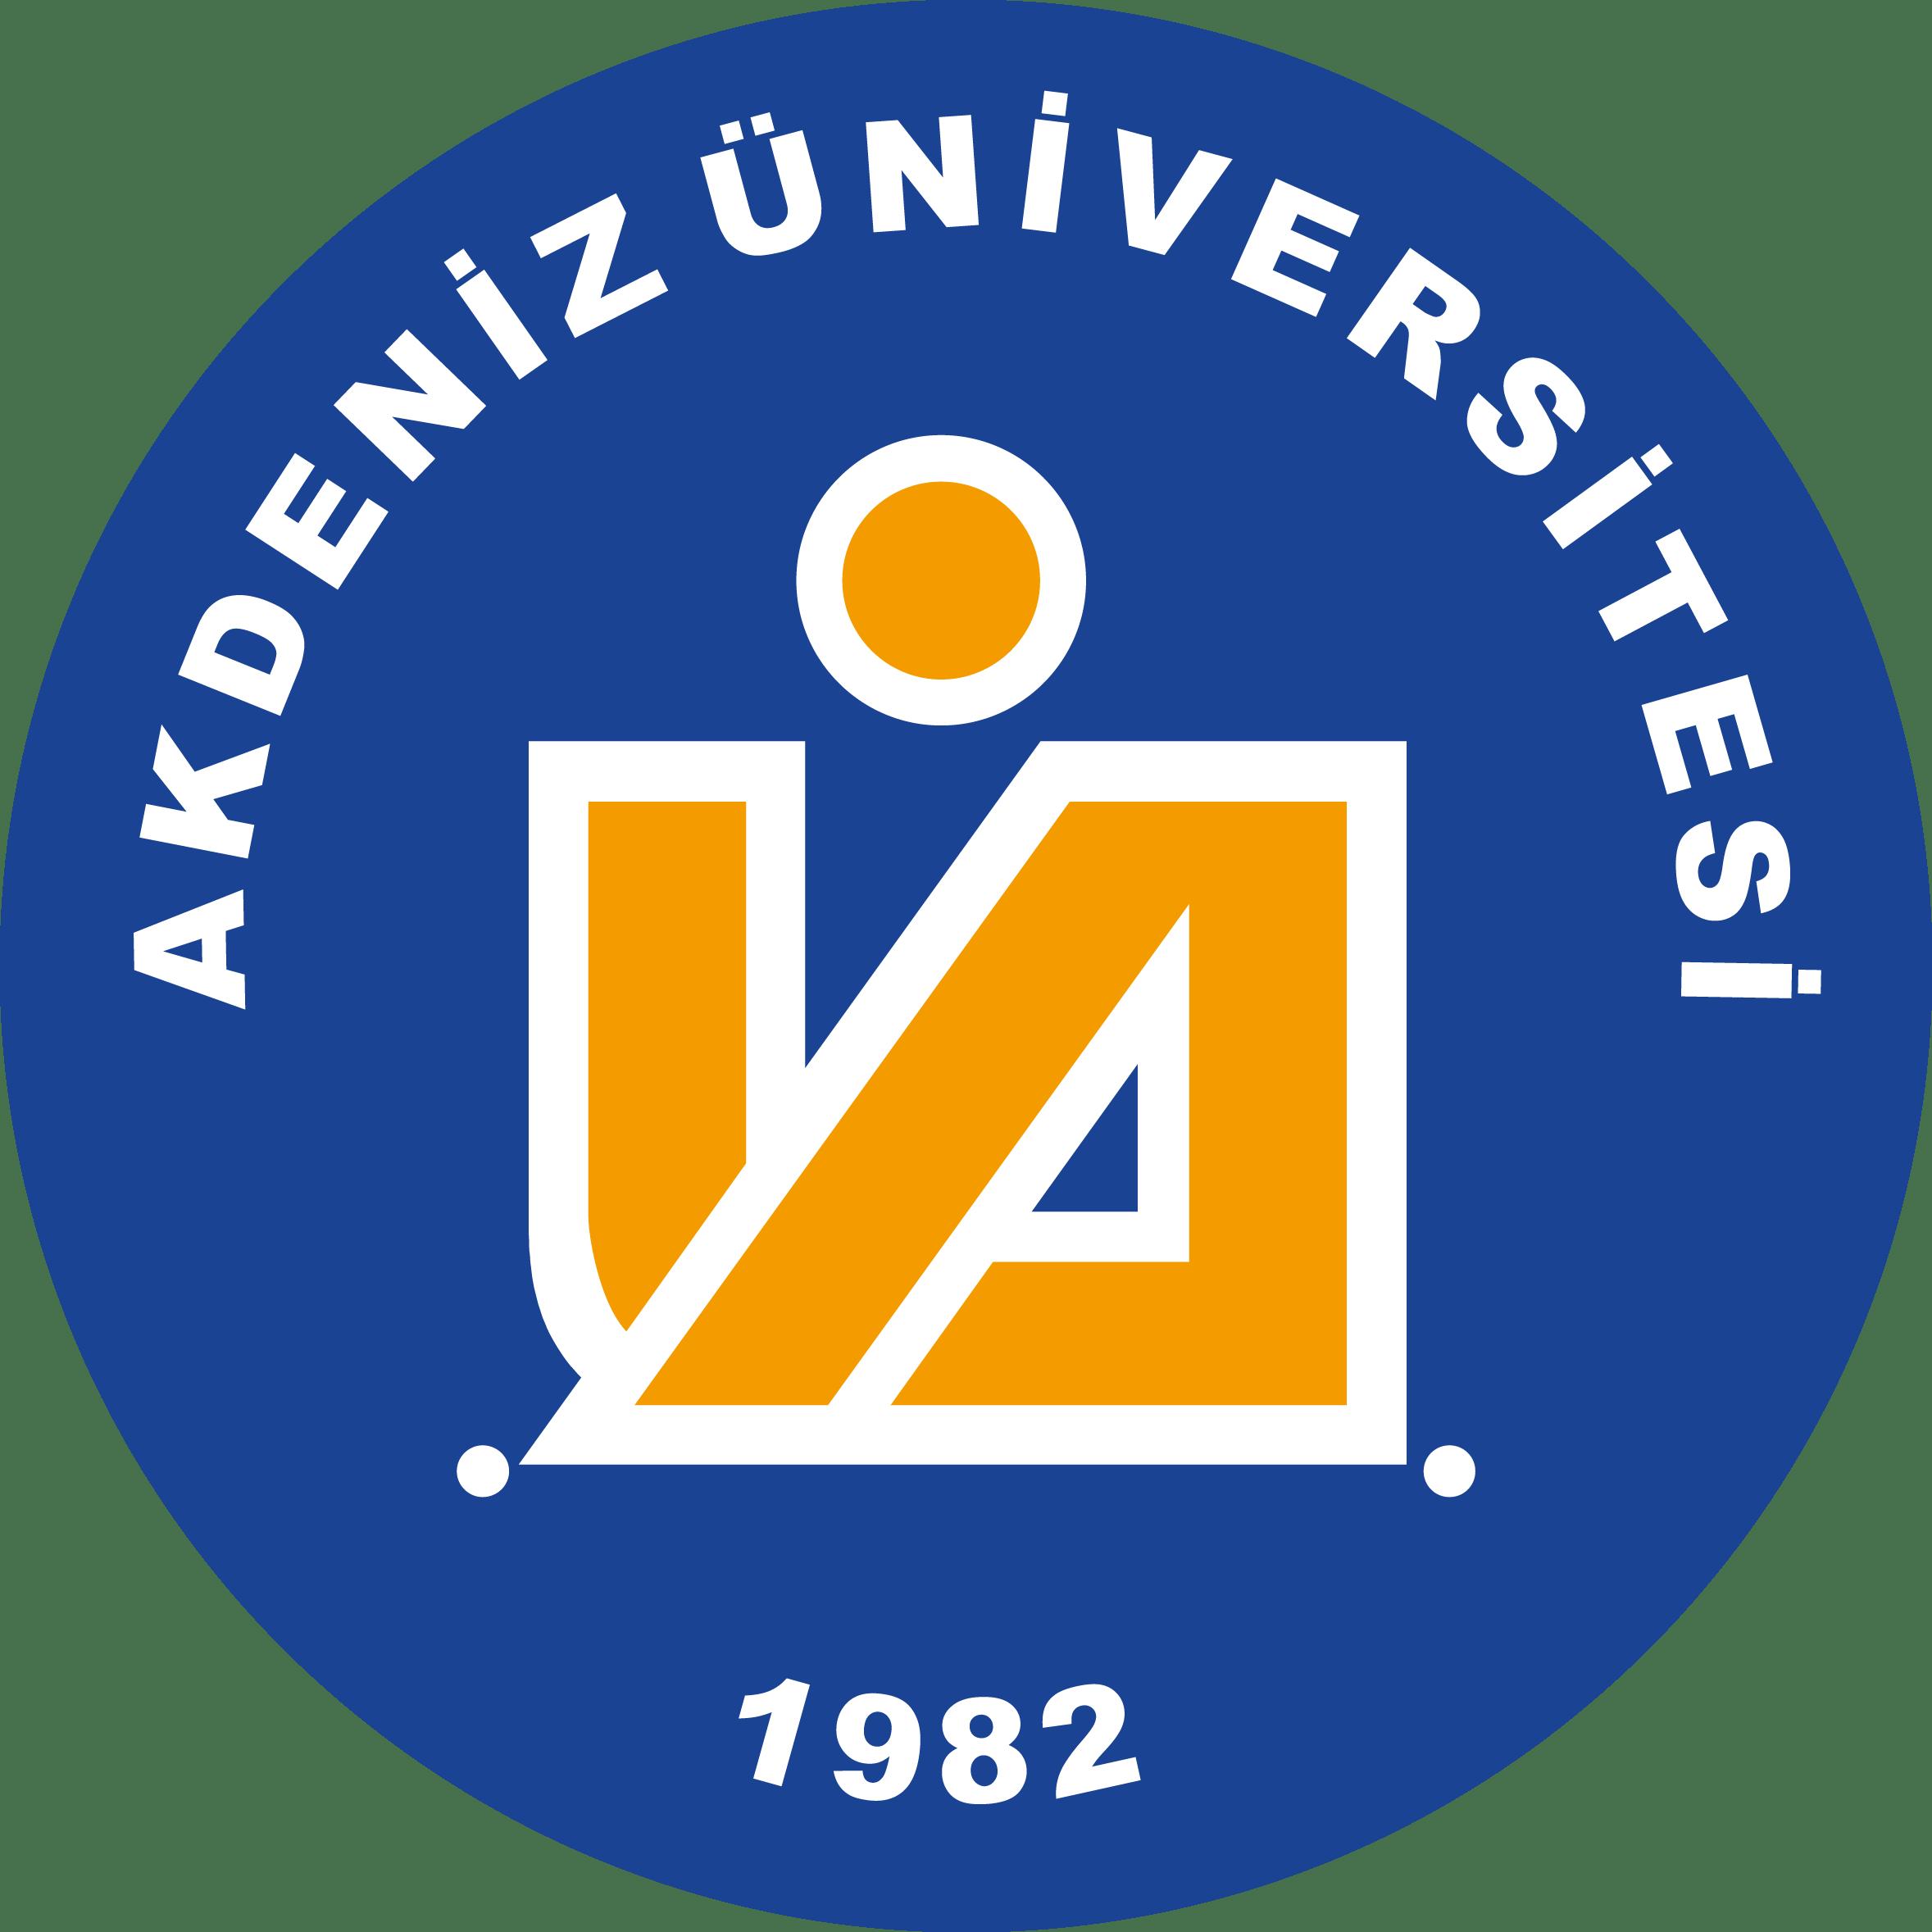 akdeniz_universitesi_logo